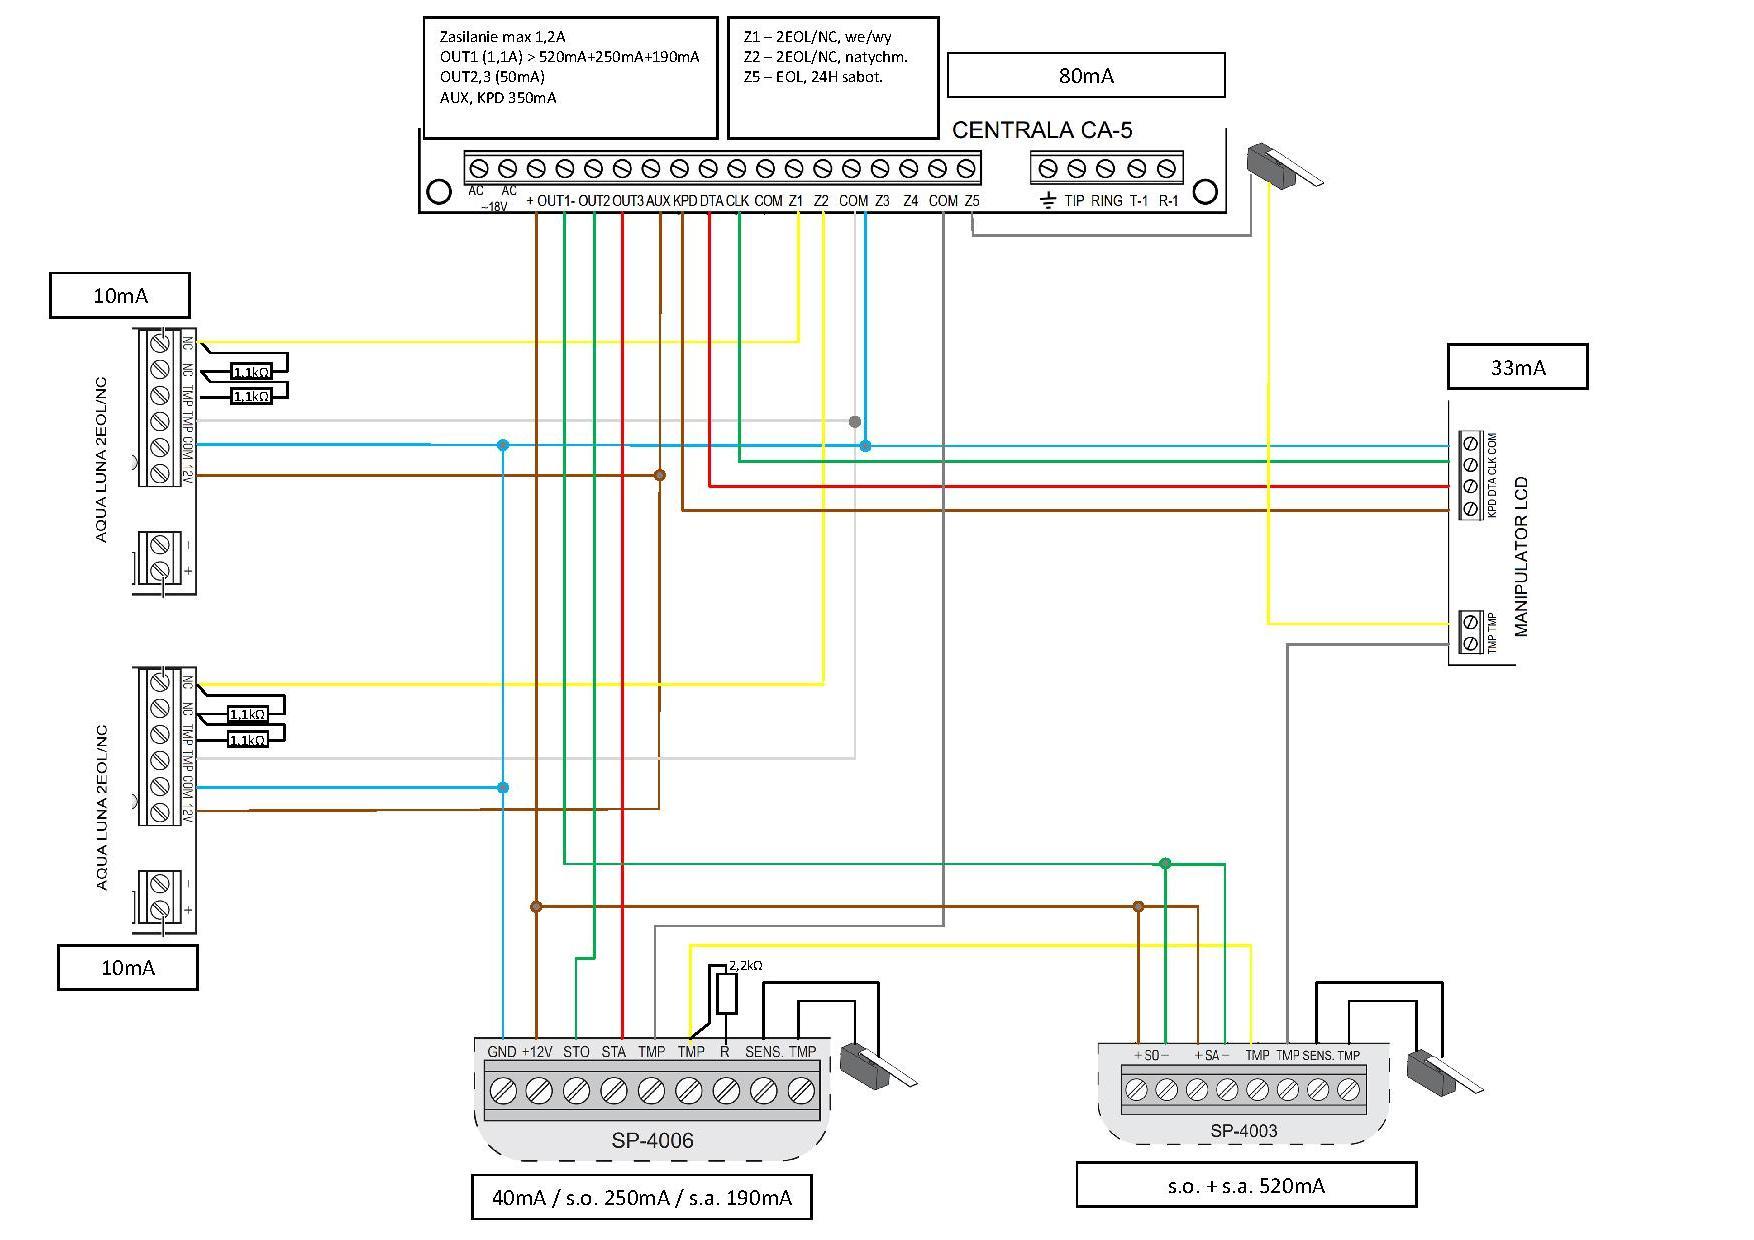 SATEL CA-5 - Pro�ba o sprawdzenie schematu po��cze�